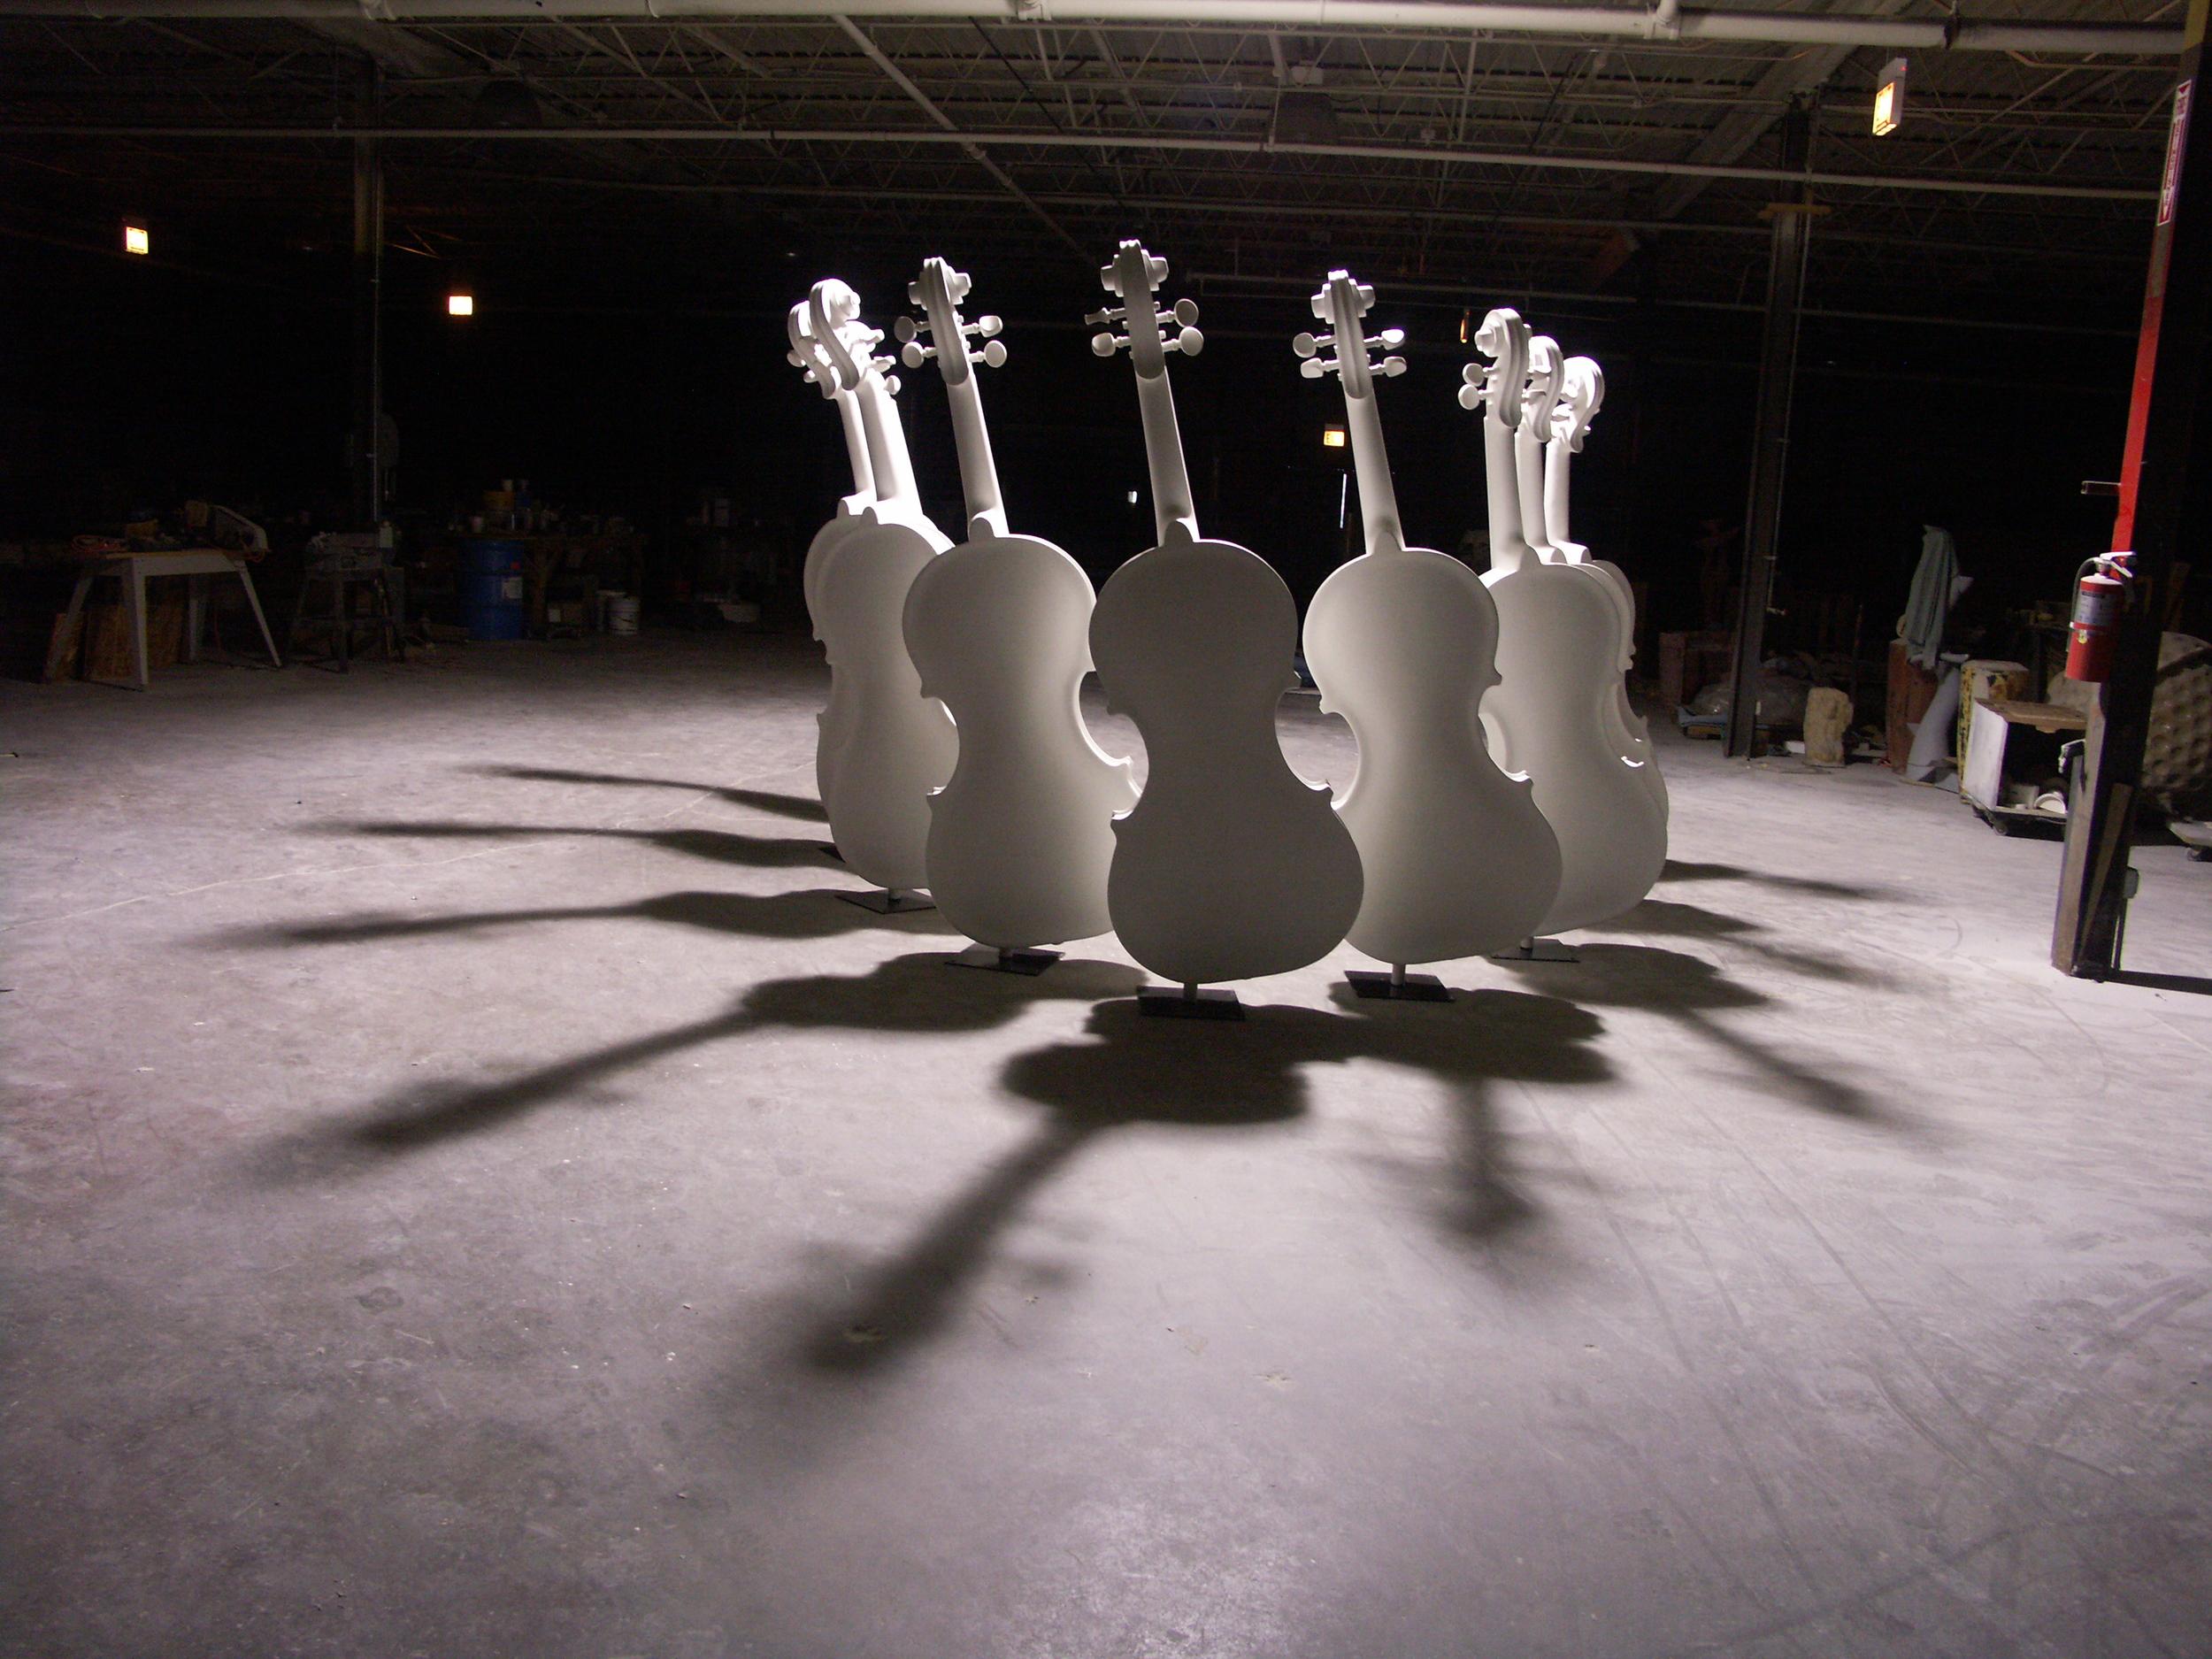 violins10212 (5).JPG